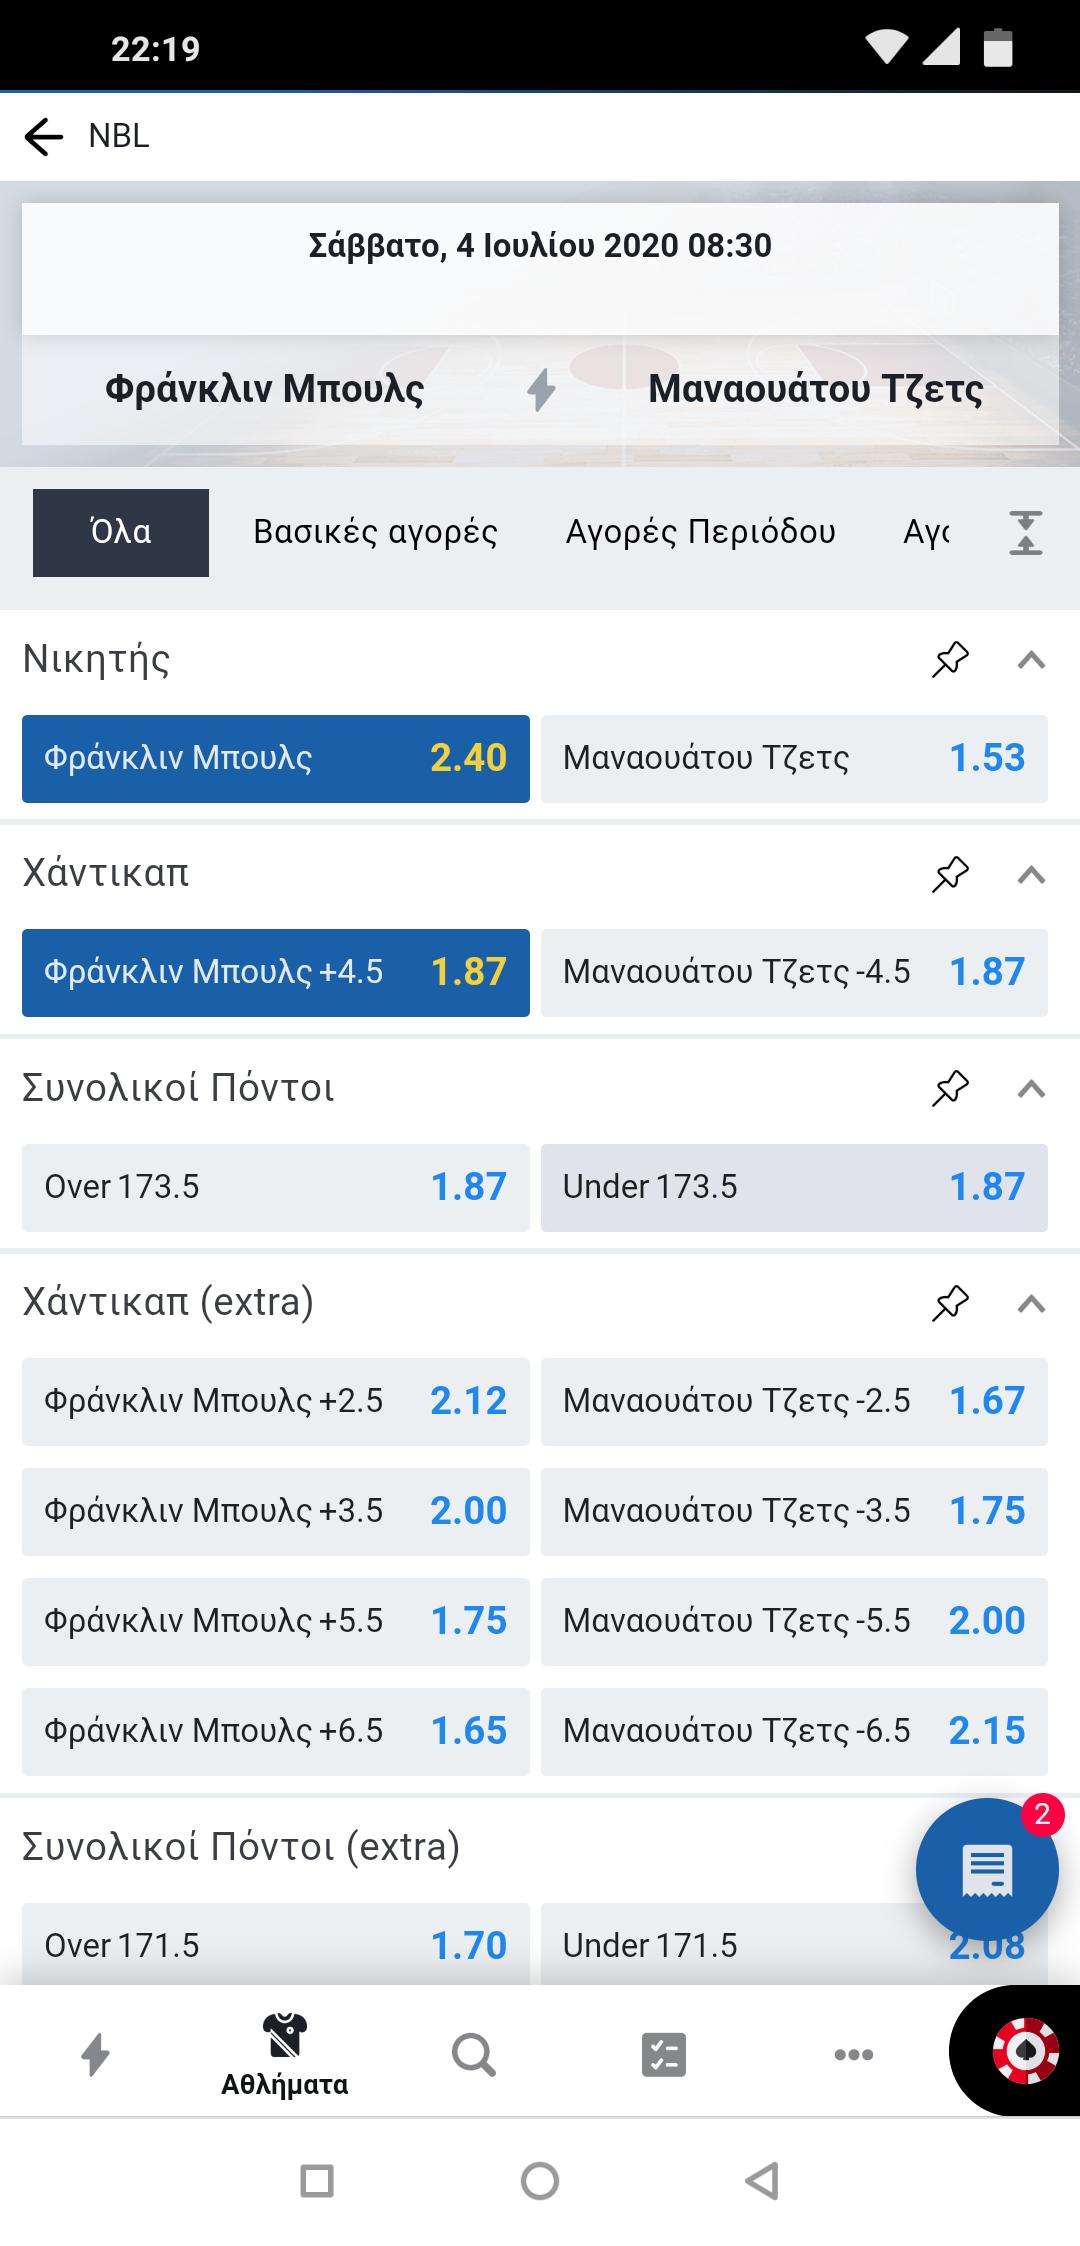 Screenshot_2020-07-03-22-19-15-979_com.android.chrome.png